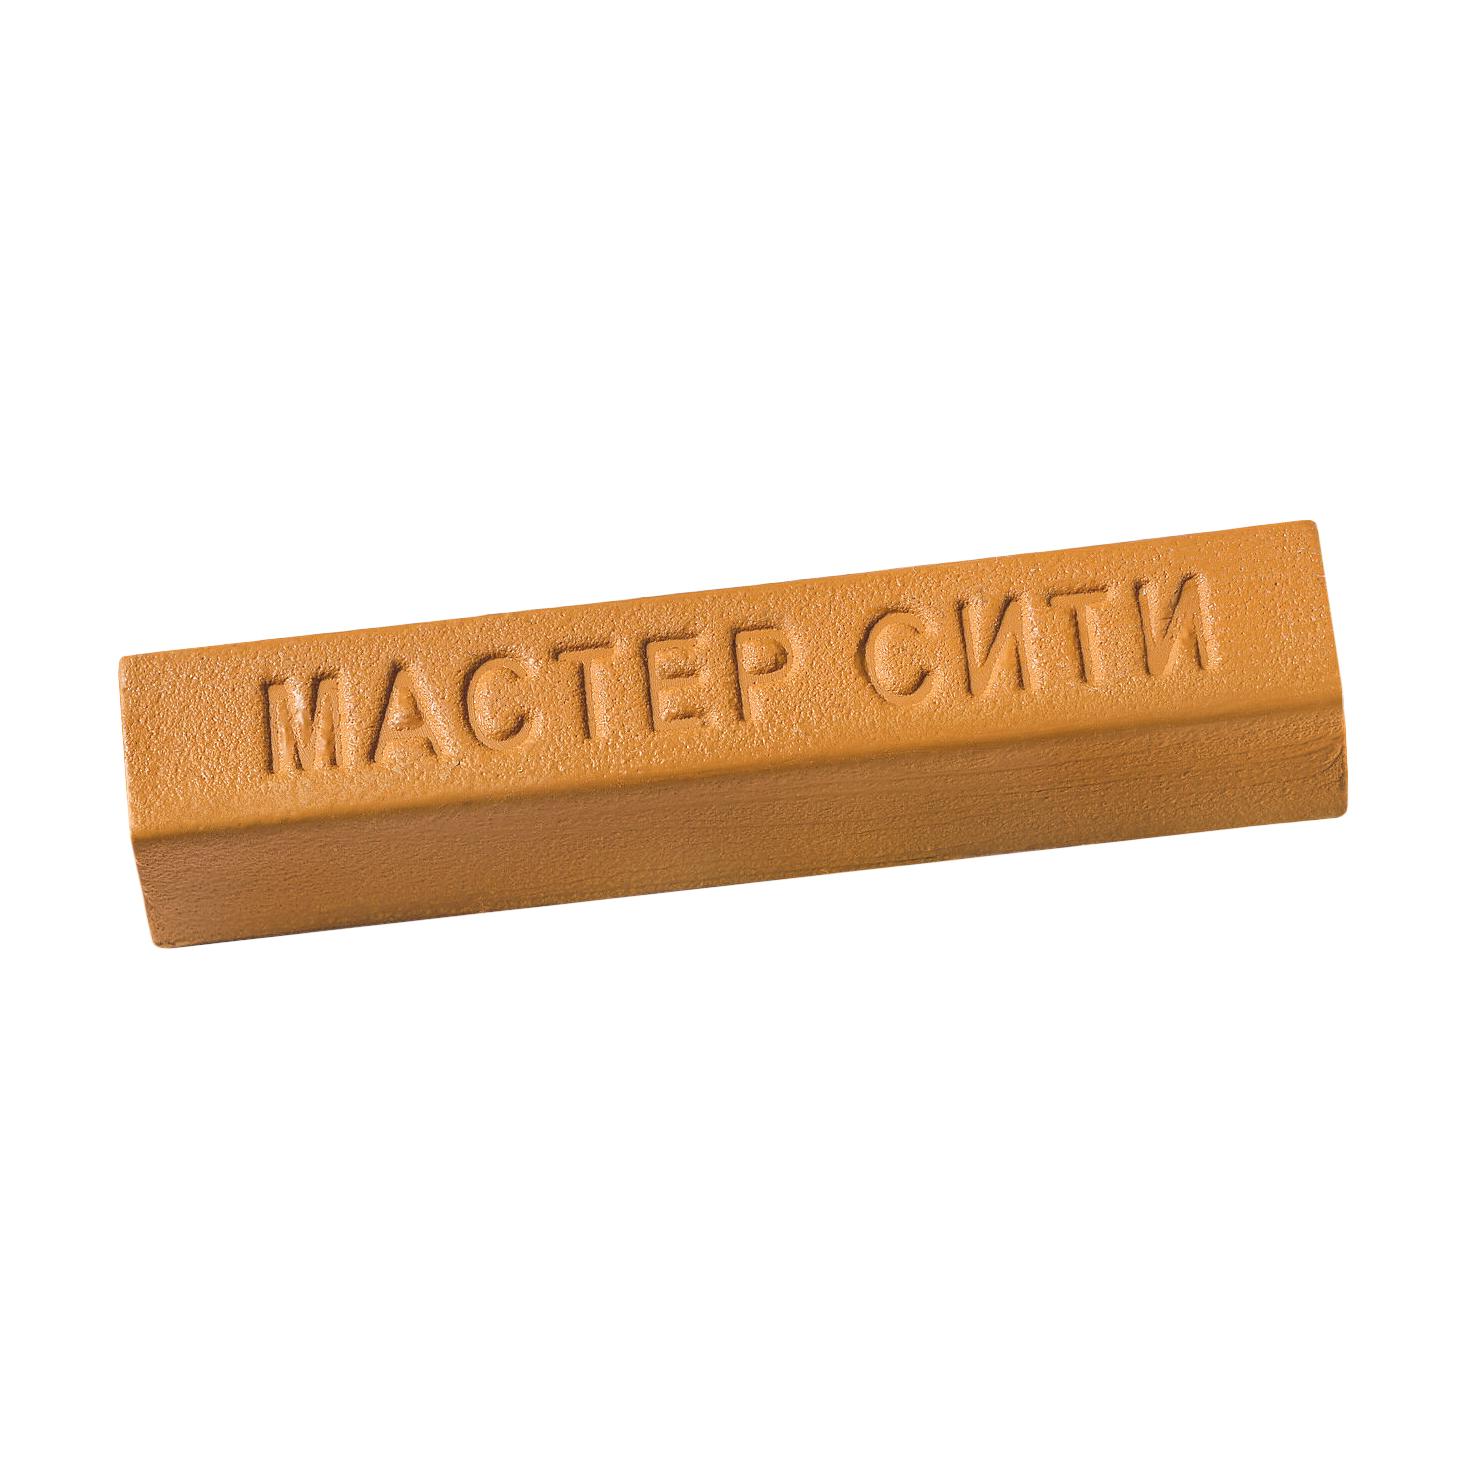 Воск мебельный Мастер сити орех R 3027 414, 9 г воск мебельный мастер сити орех донской r 4853 9г